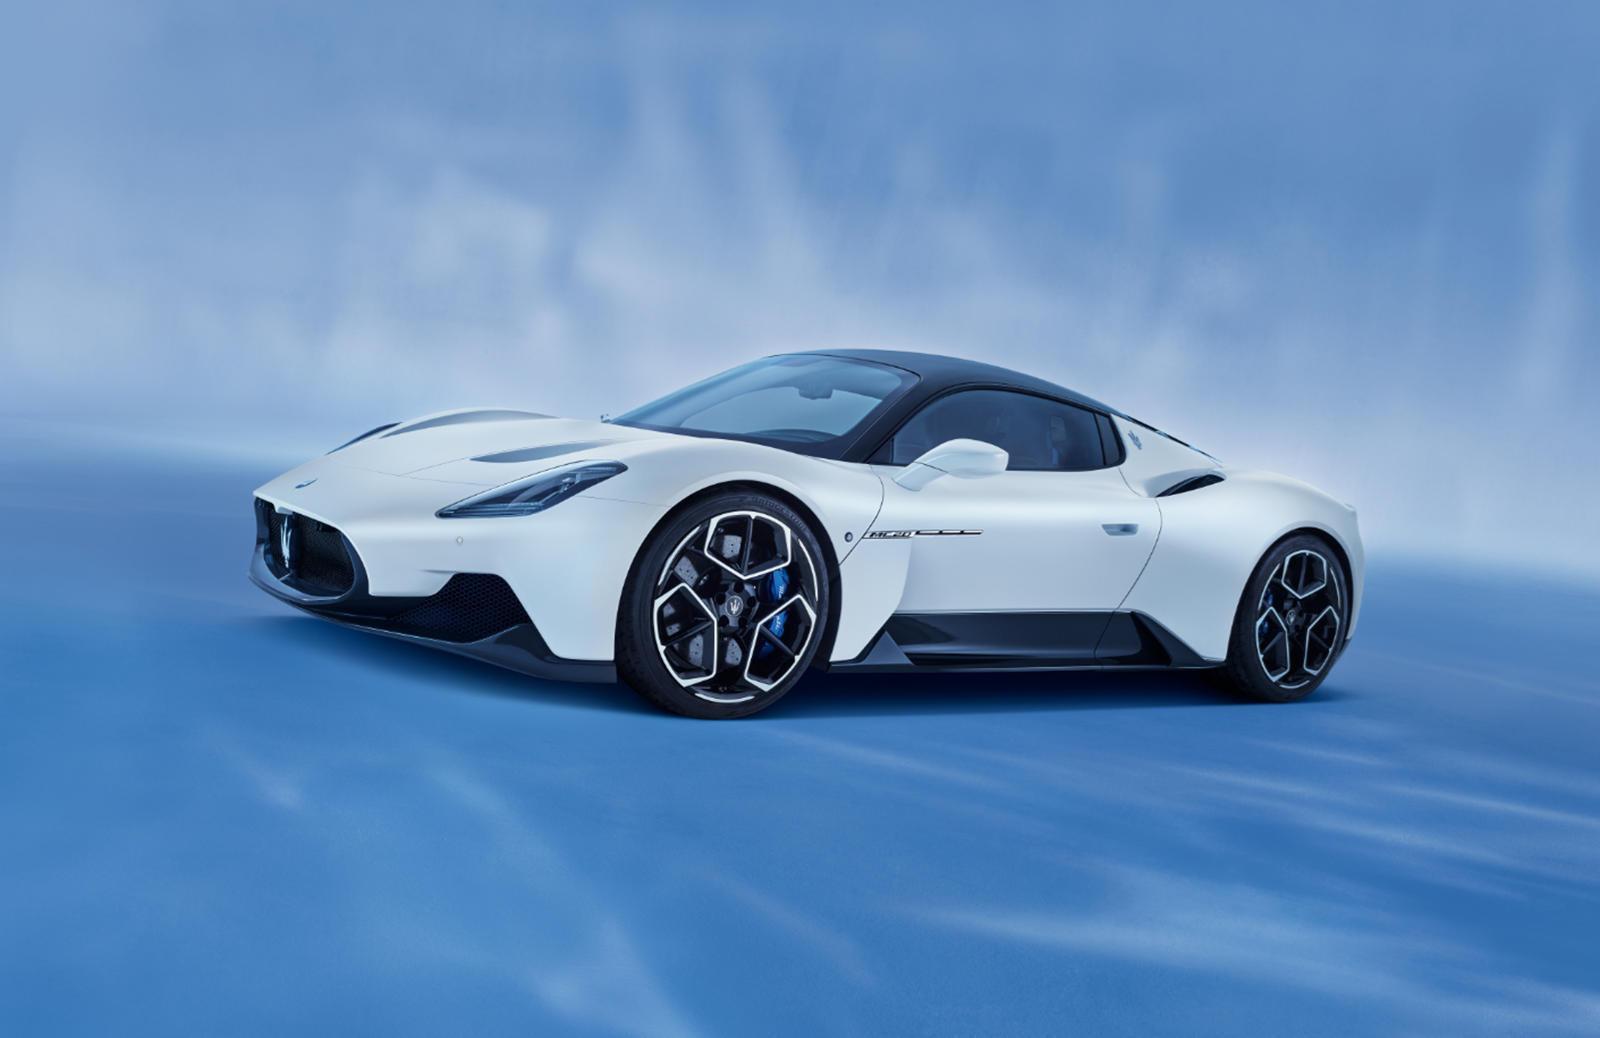 7 mẫu xe sở hữu động cơ độc quyền